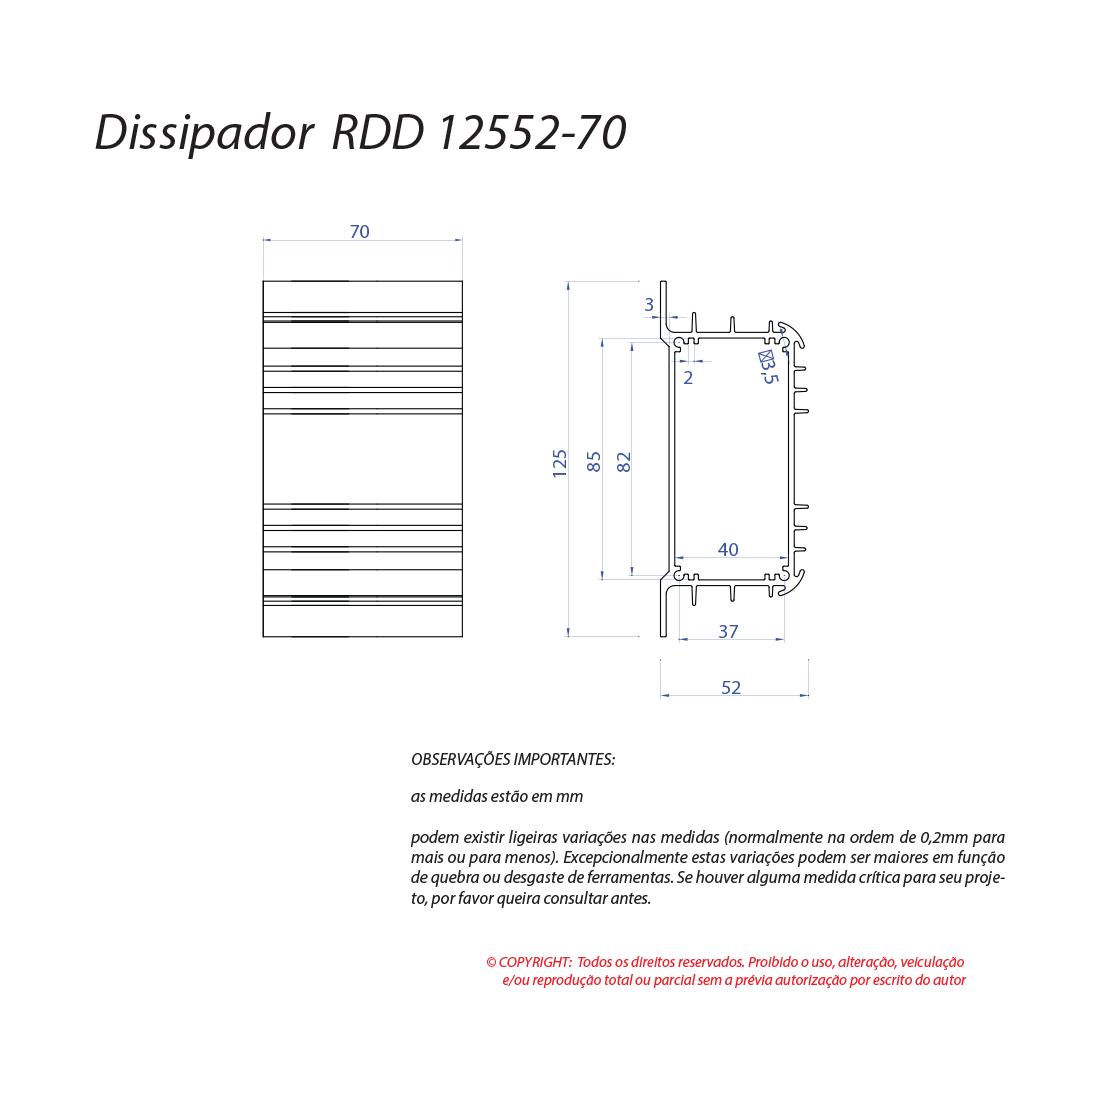 Dissipador de calor RDD 12552-70